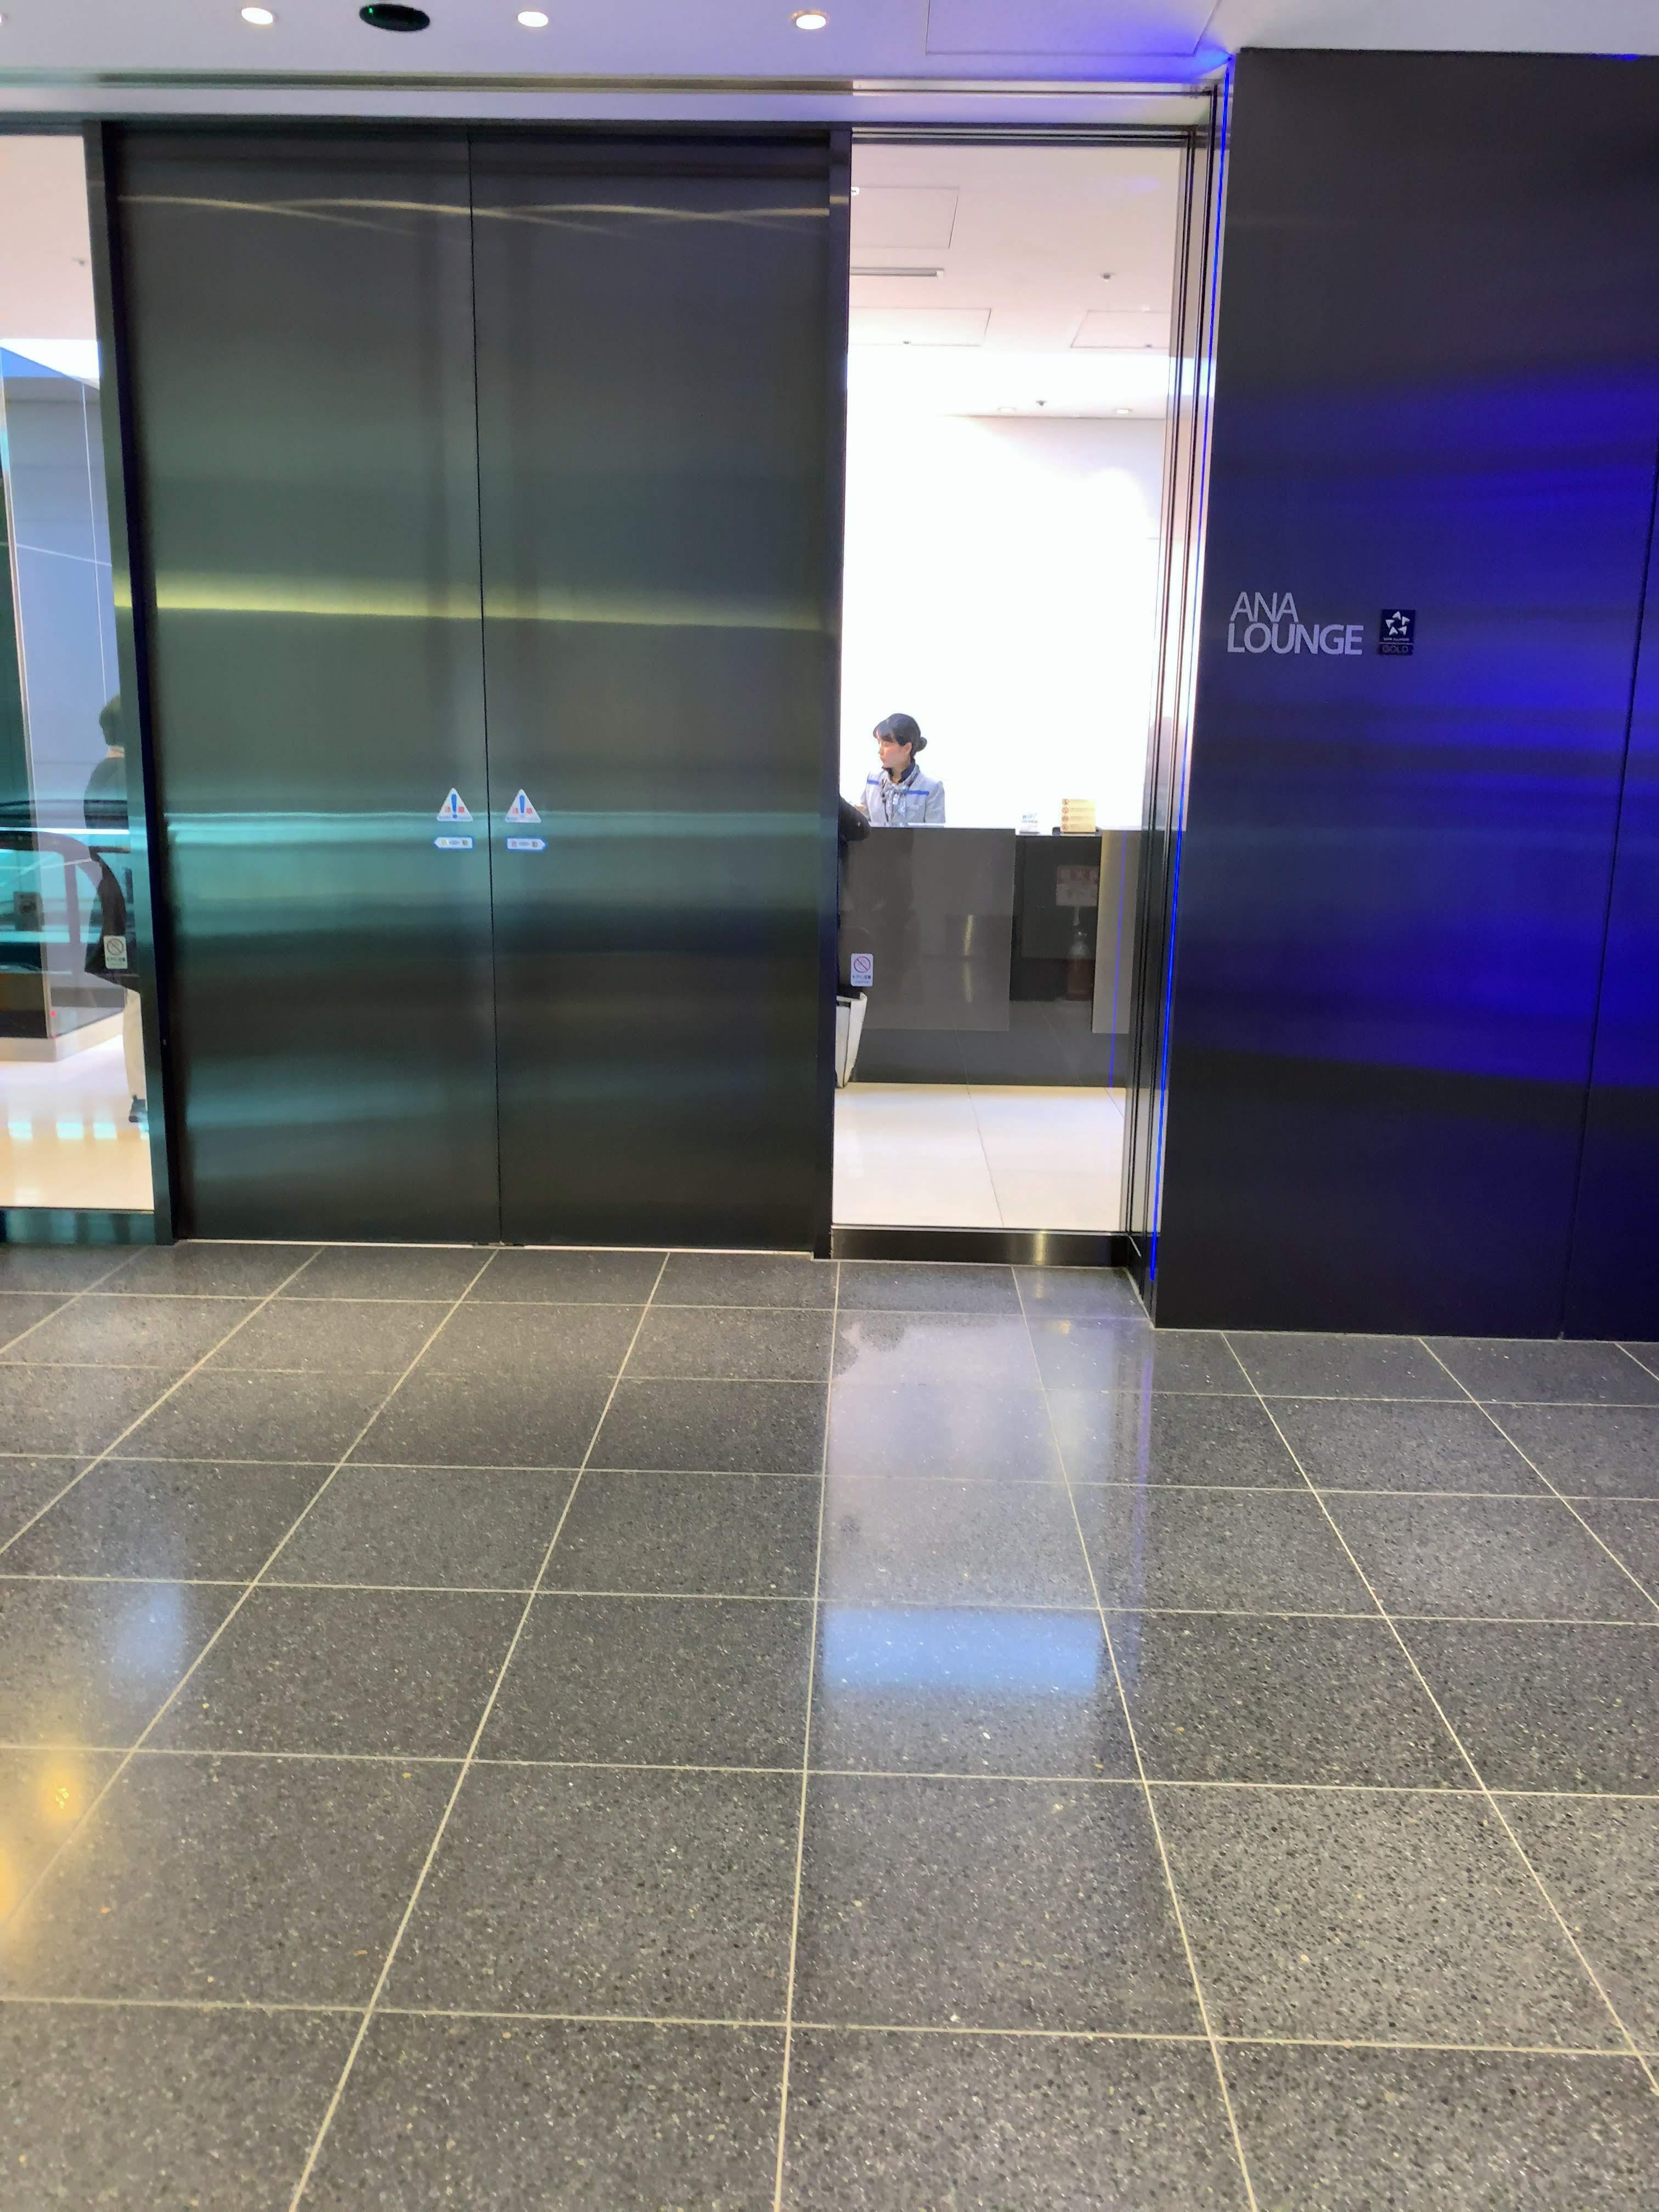 羽田空港国際線ANAラウンジ入口 110番ゲート付近